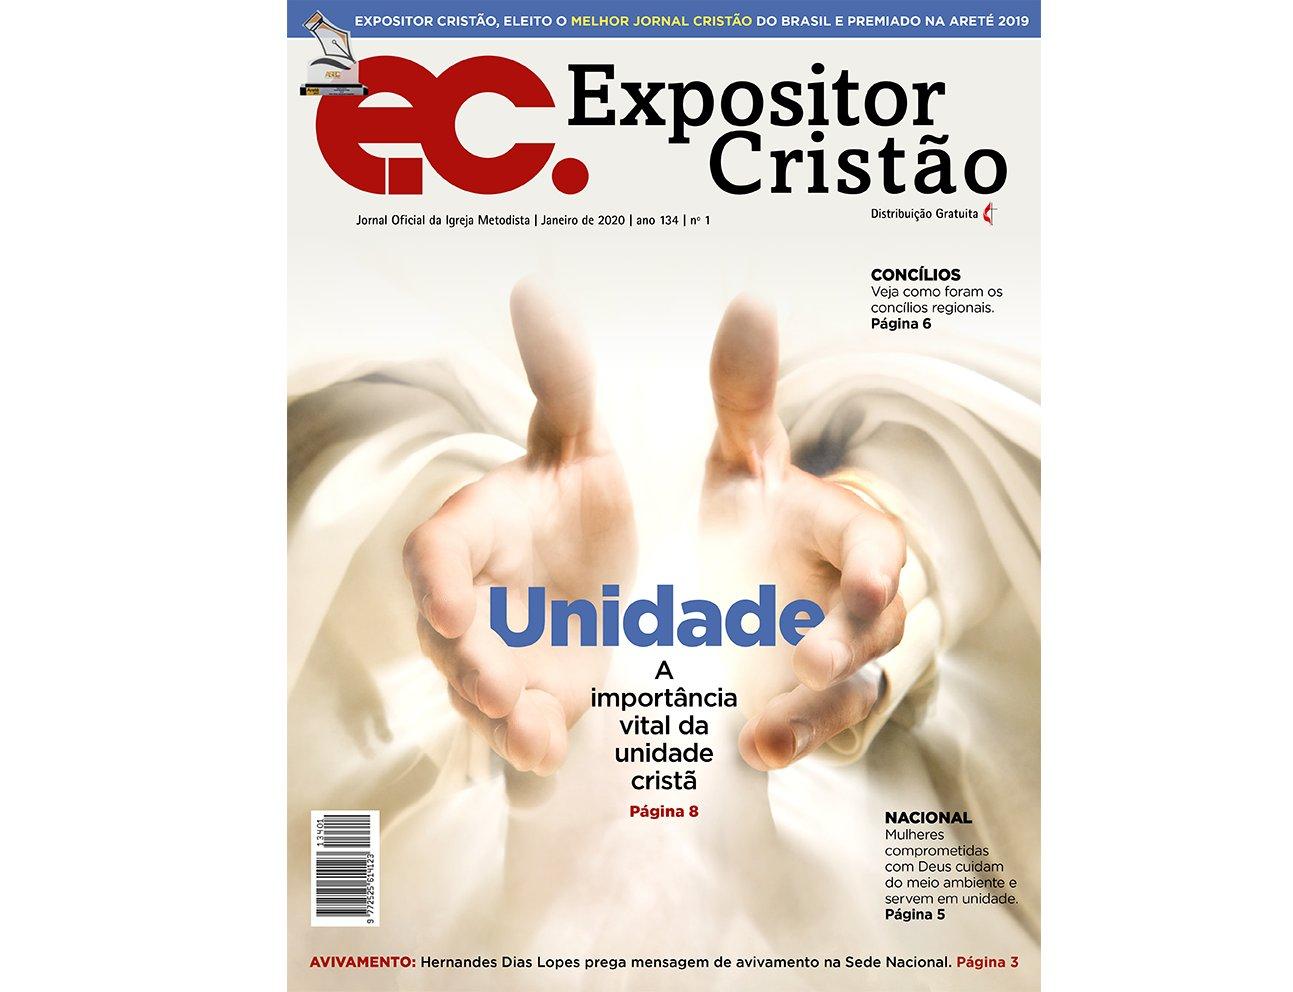 EC de Janeiro trabalha o tema da unidade